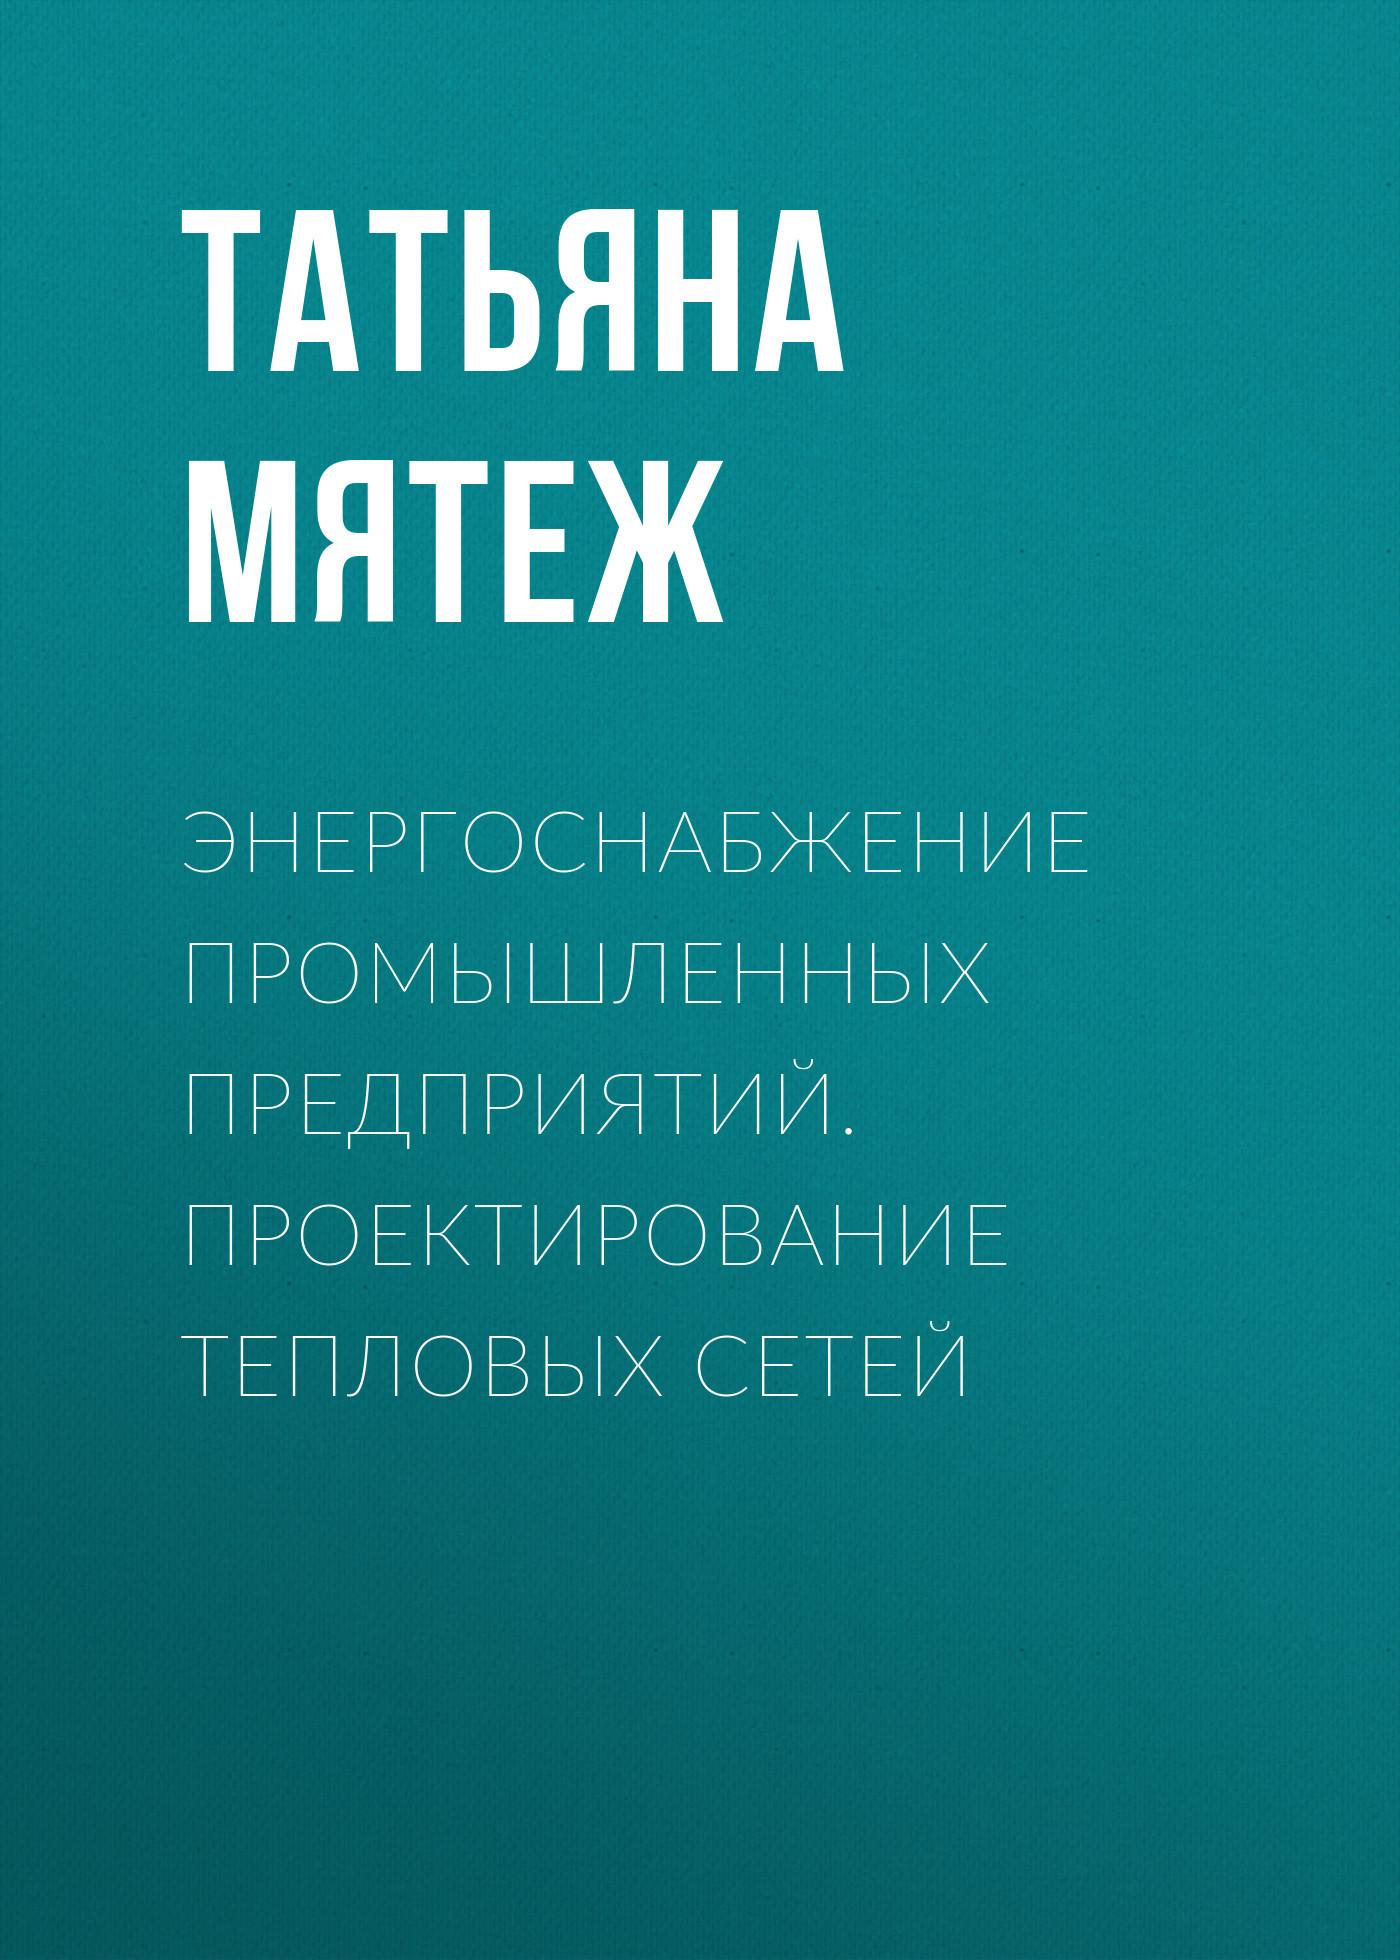 Татьяна Мятеж Энергоснабжение промышленных предприятий. Проектирование тепловых сетей энергоснабжение дома